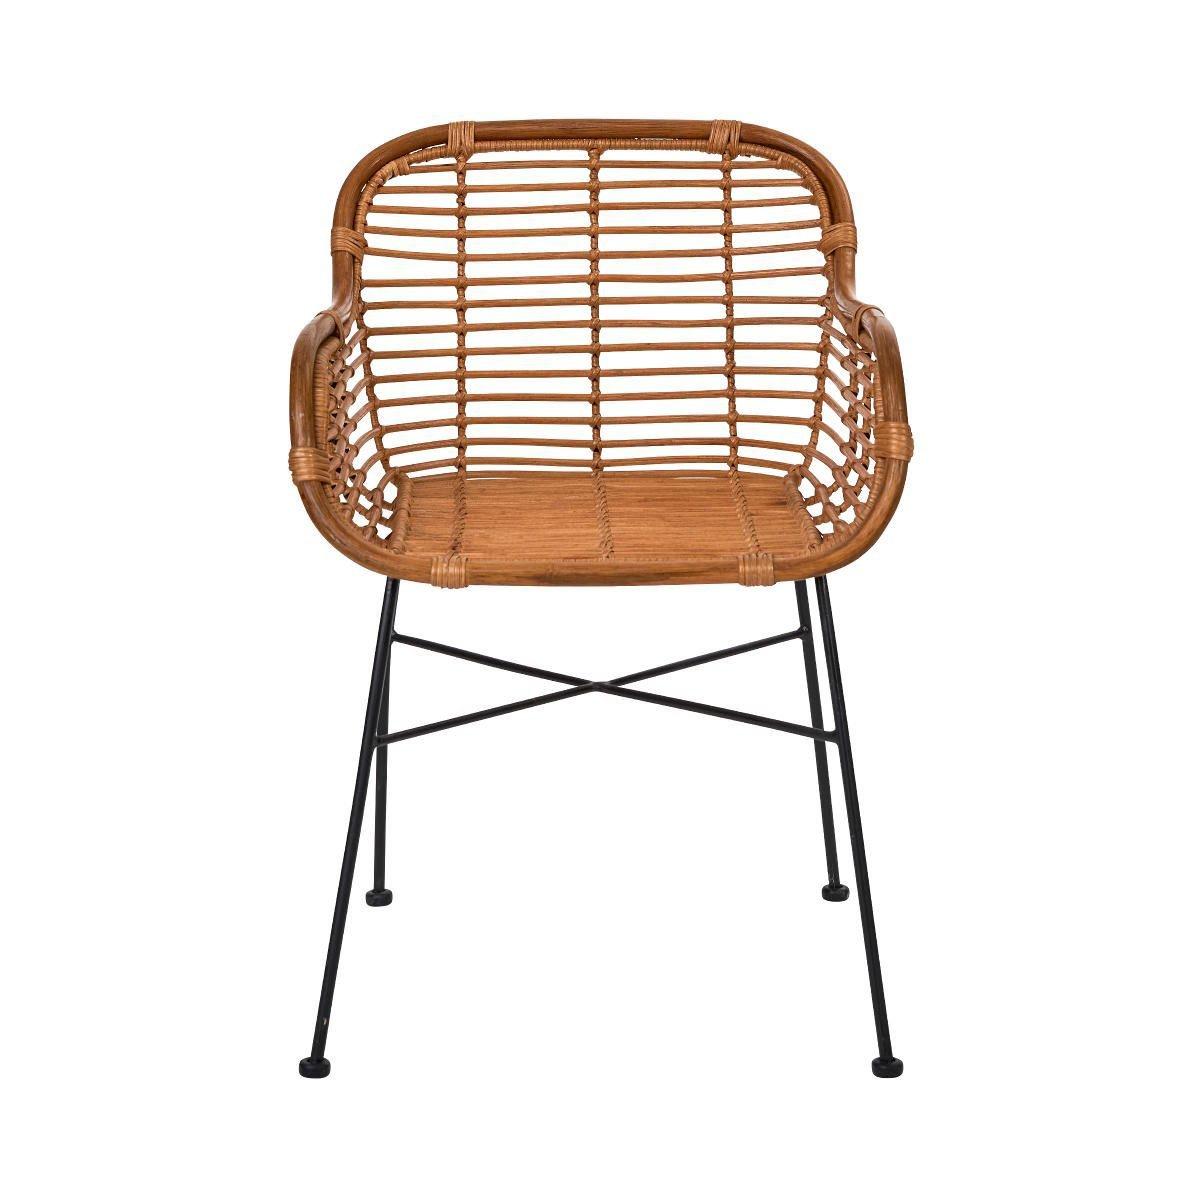 Bild 1 von Rattan-Sessel mit Armlehnen